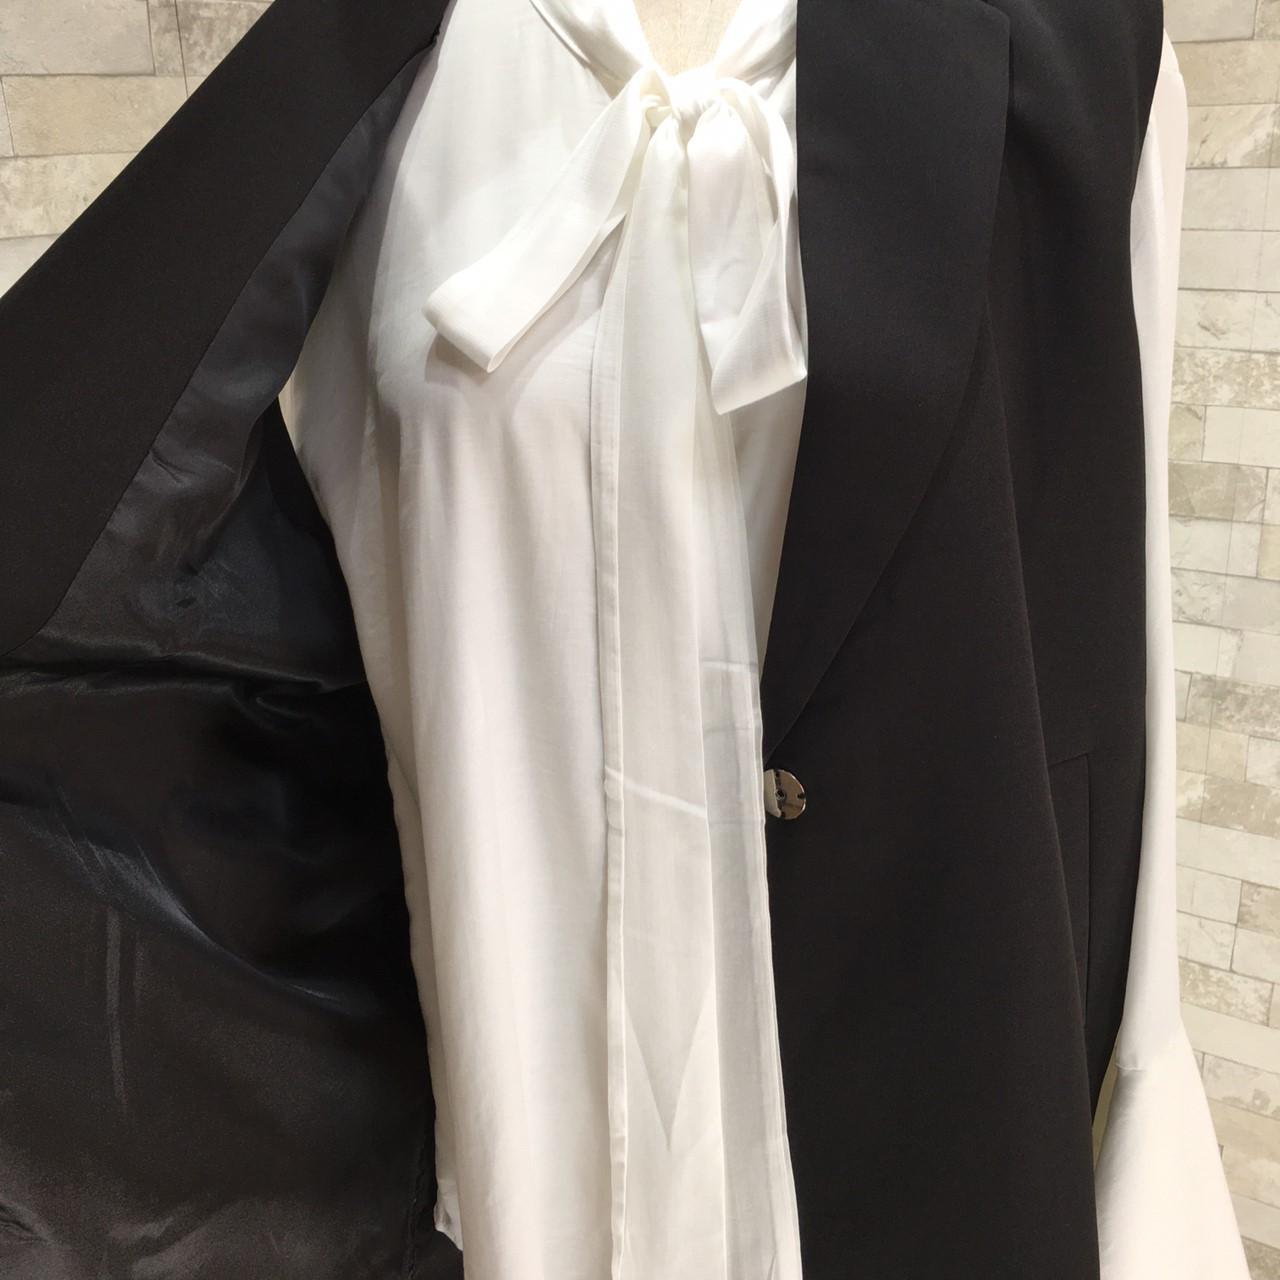 韓国 ファッション トップス アンサンブル 秋 冬 春 カジュアル PTXG324  ロングベスト Iライン シワ加工 袖コンシャス オルチャン シンプル 定番 セレカジの写真15枚目